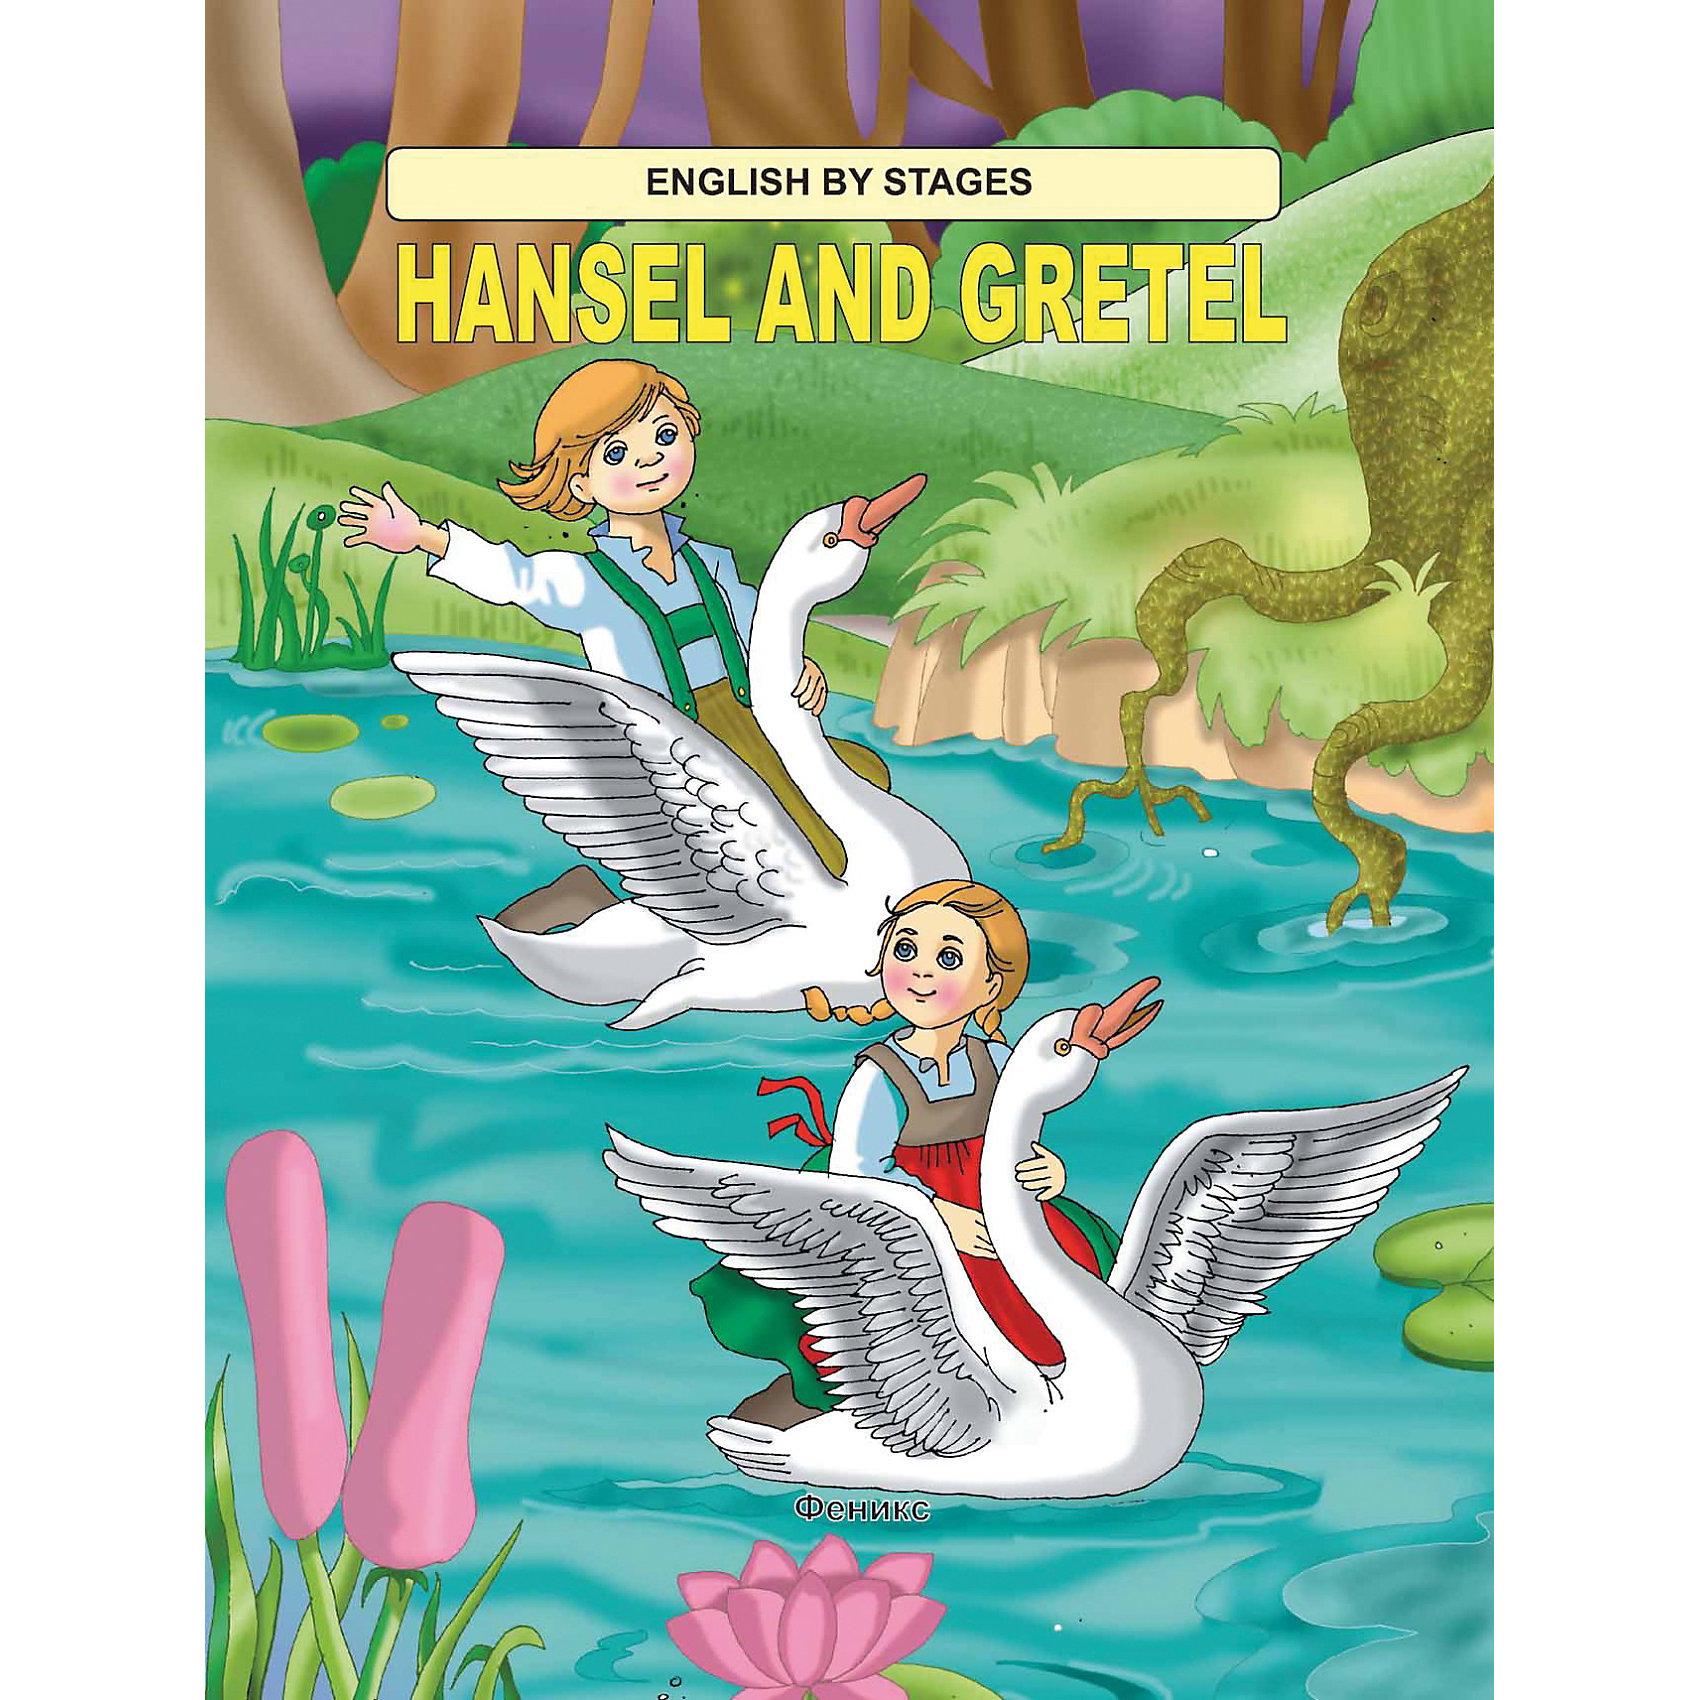 Сказка на английском Hansel and GretelФеникс<br>Любимая детская сказка с яркими иллюстрациями для  чтения на английском языке . <br>Адресуется дошкольникам  и младшим школьникам, изучающим английский язык.<br><br>Ширина мм: 280<br>Глубина мм: 214<br>Высота мм: 1<br>Вес г: 66<br>Возраст от месяцев: 60<br>Возраст до месяцев: 120<br>Пол: Унисекс<br>Возраст: Детский<br>SKU: 3103068